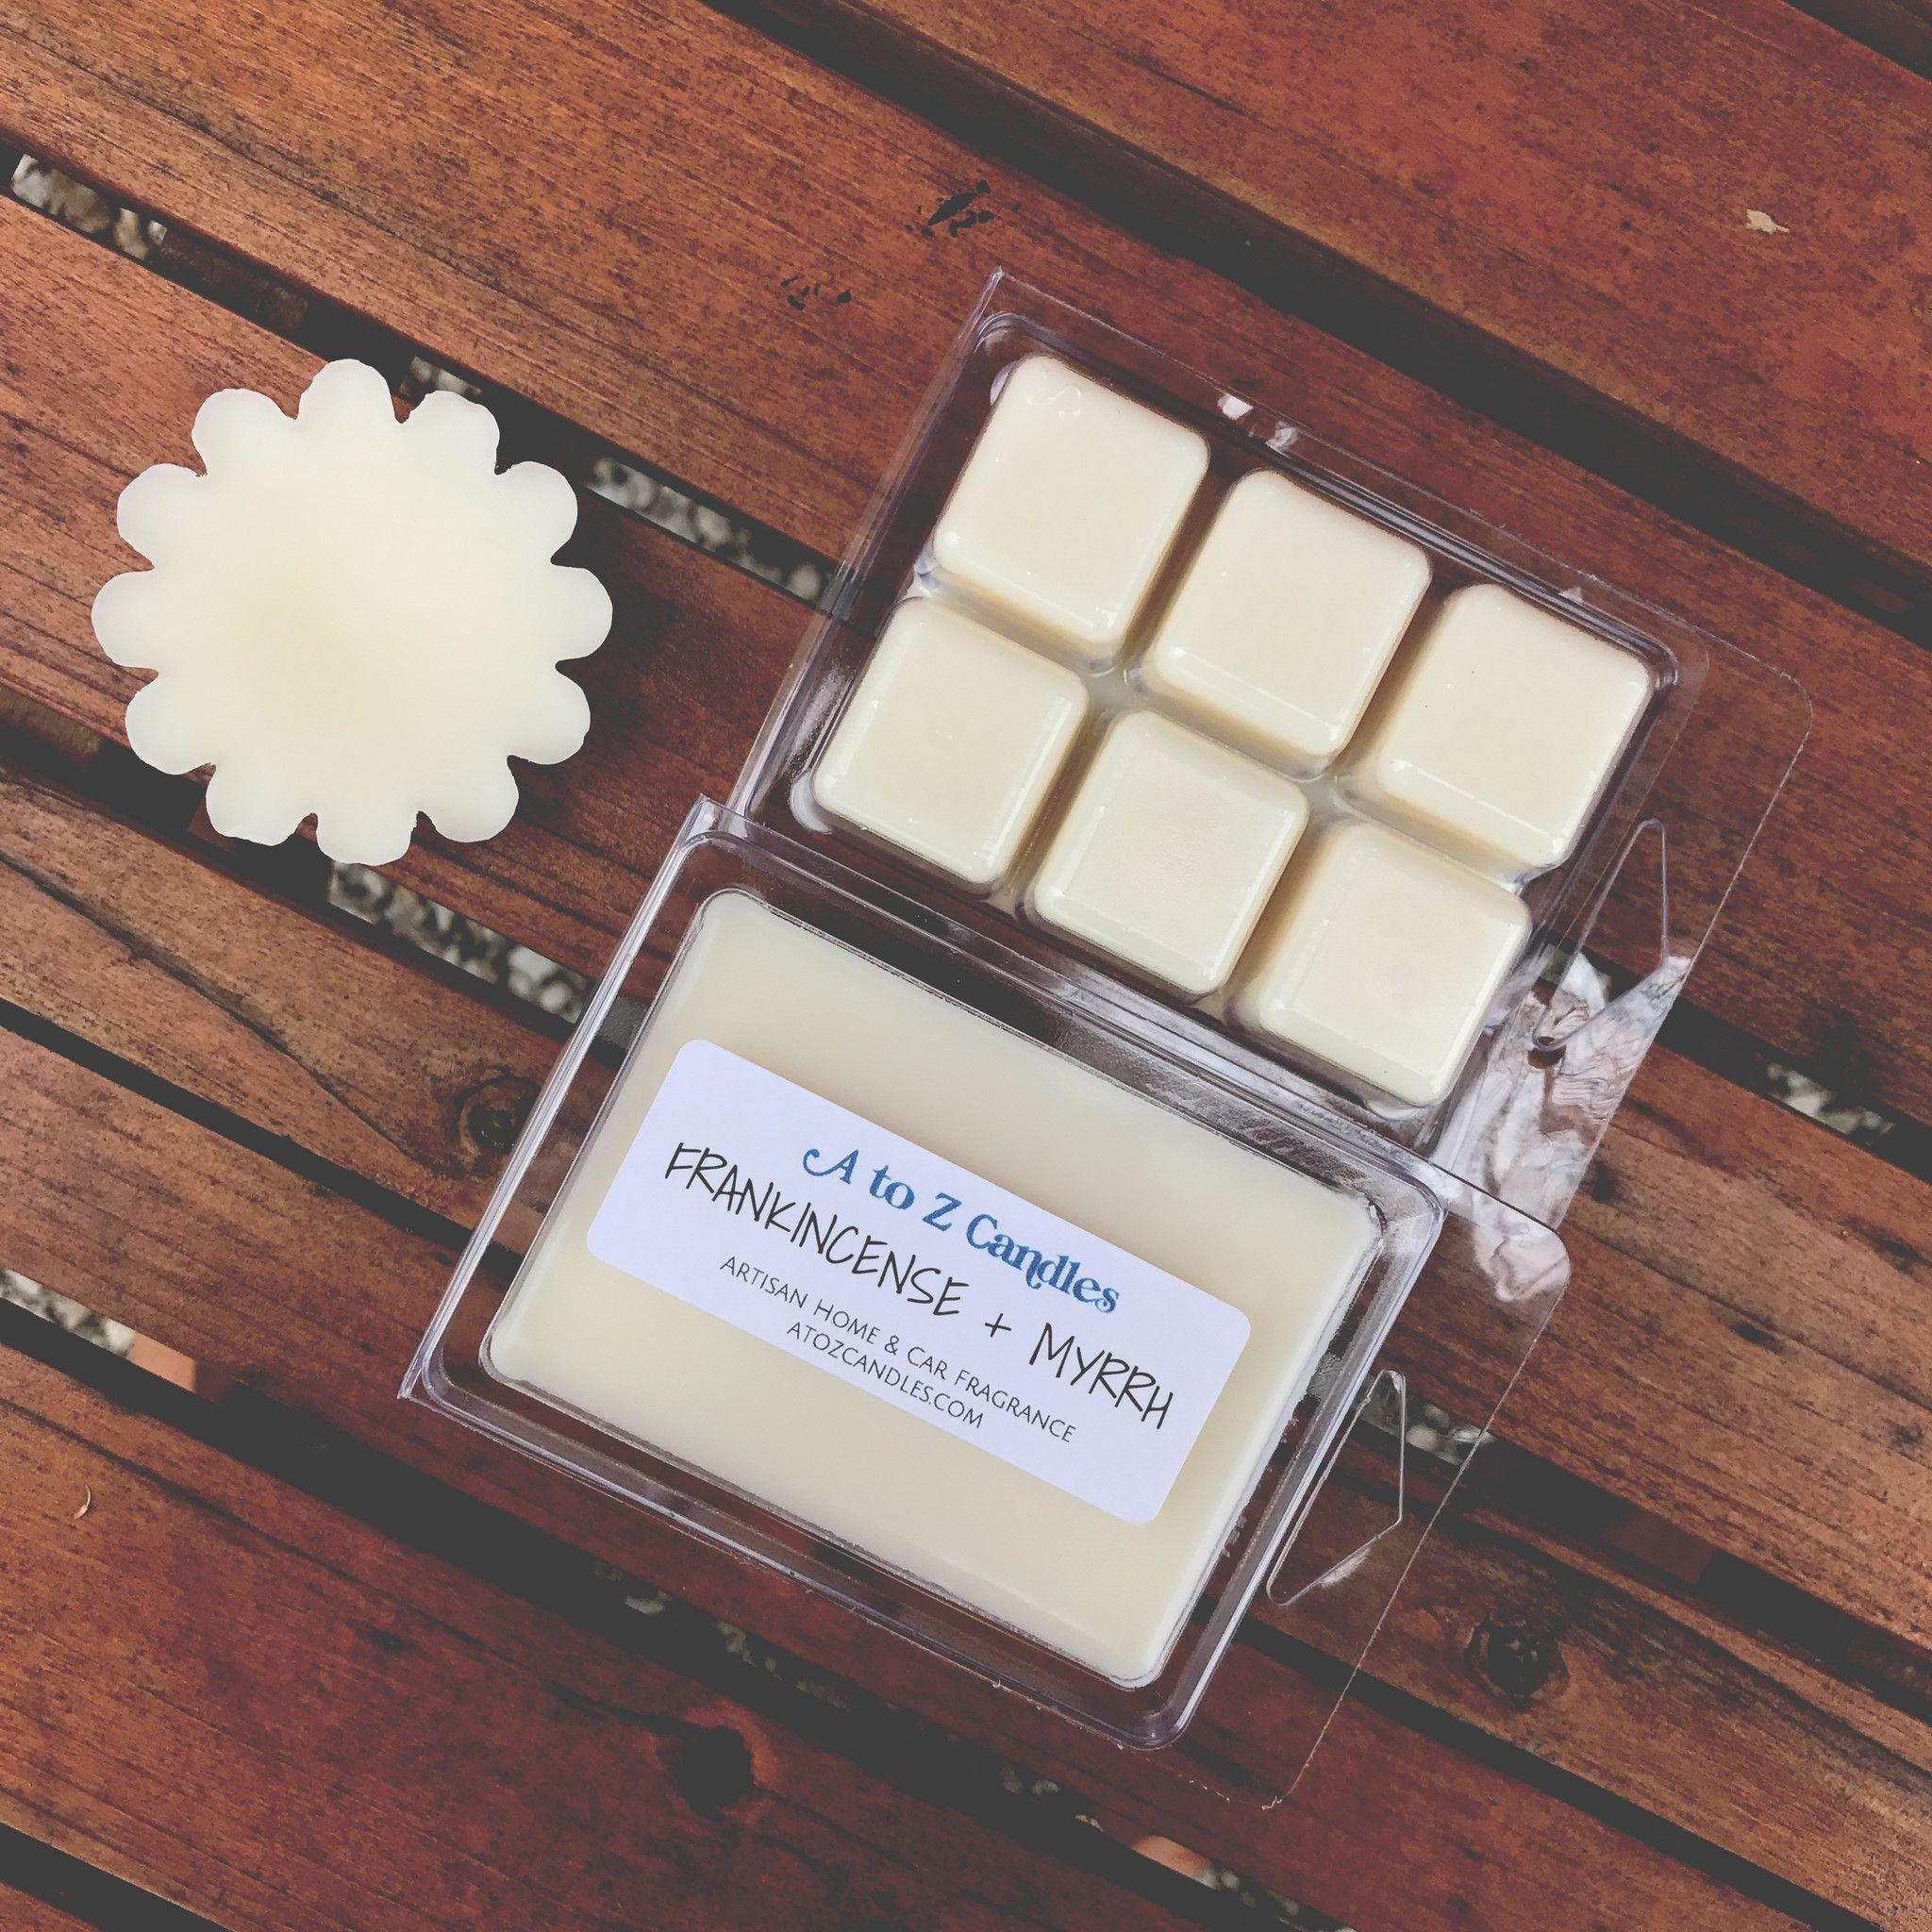 Frankincense & Myrrh - Soy Wax Melts & Mini Melts